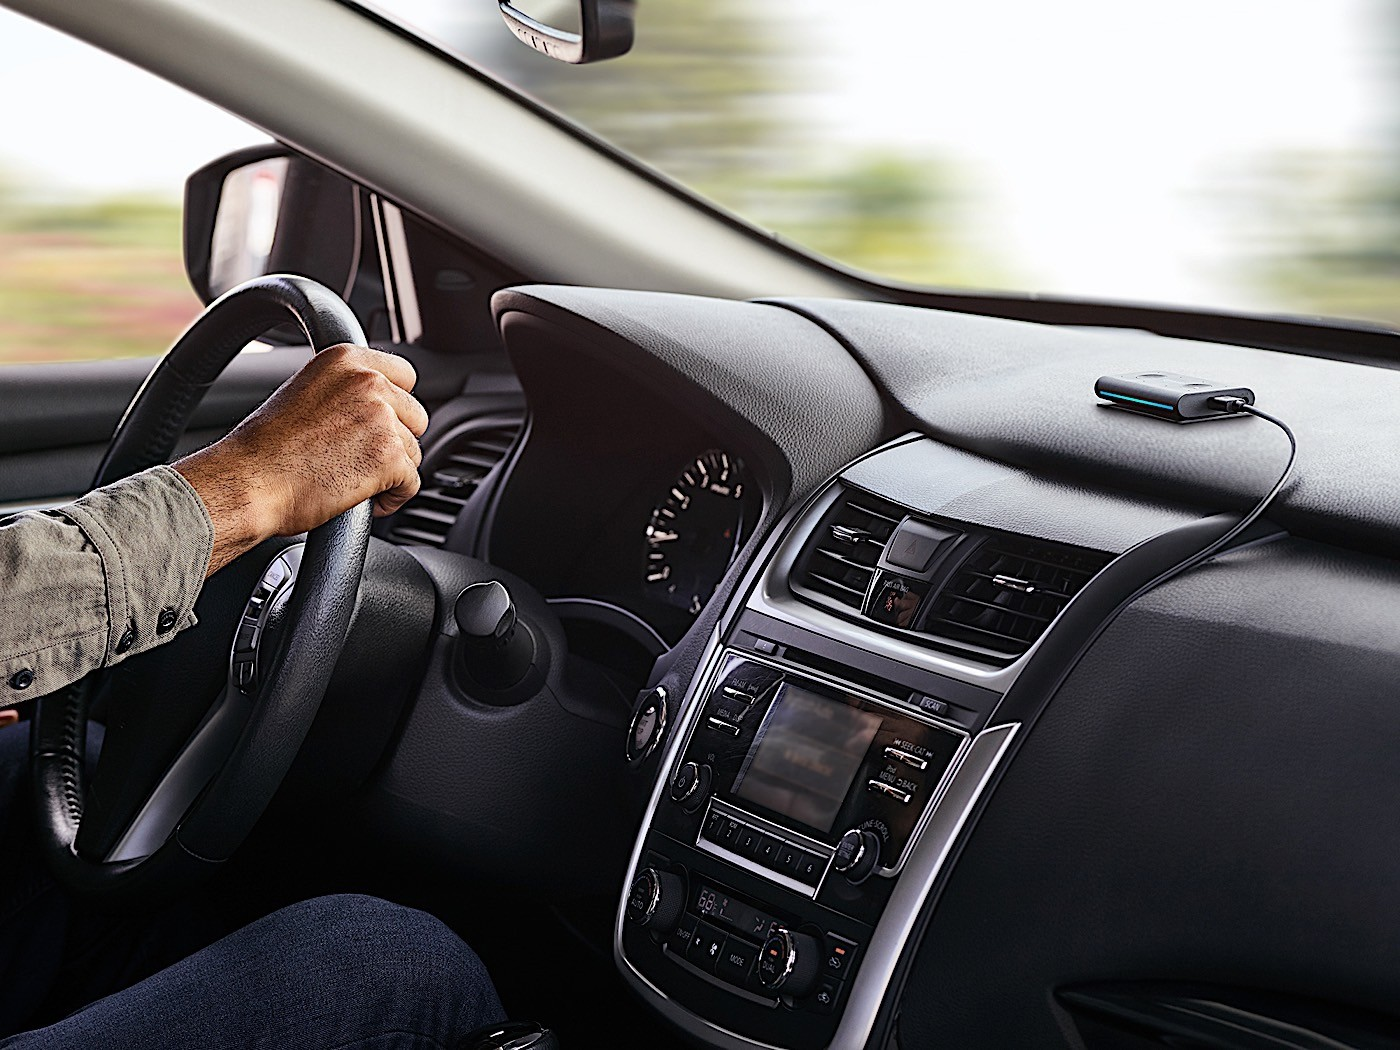 amazon s alexa goes mobile with new echo auto device